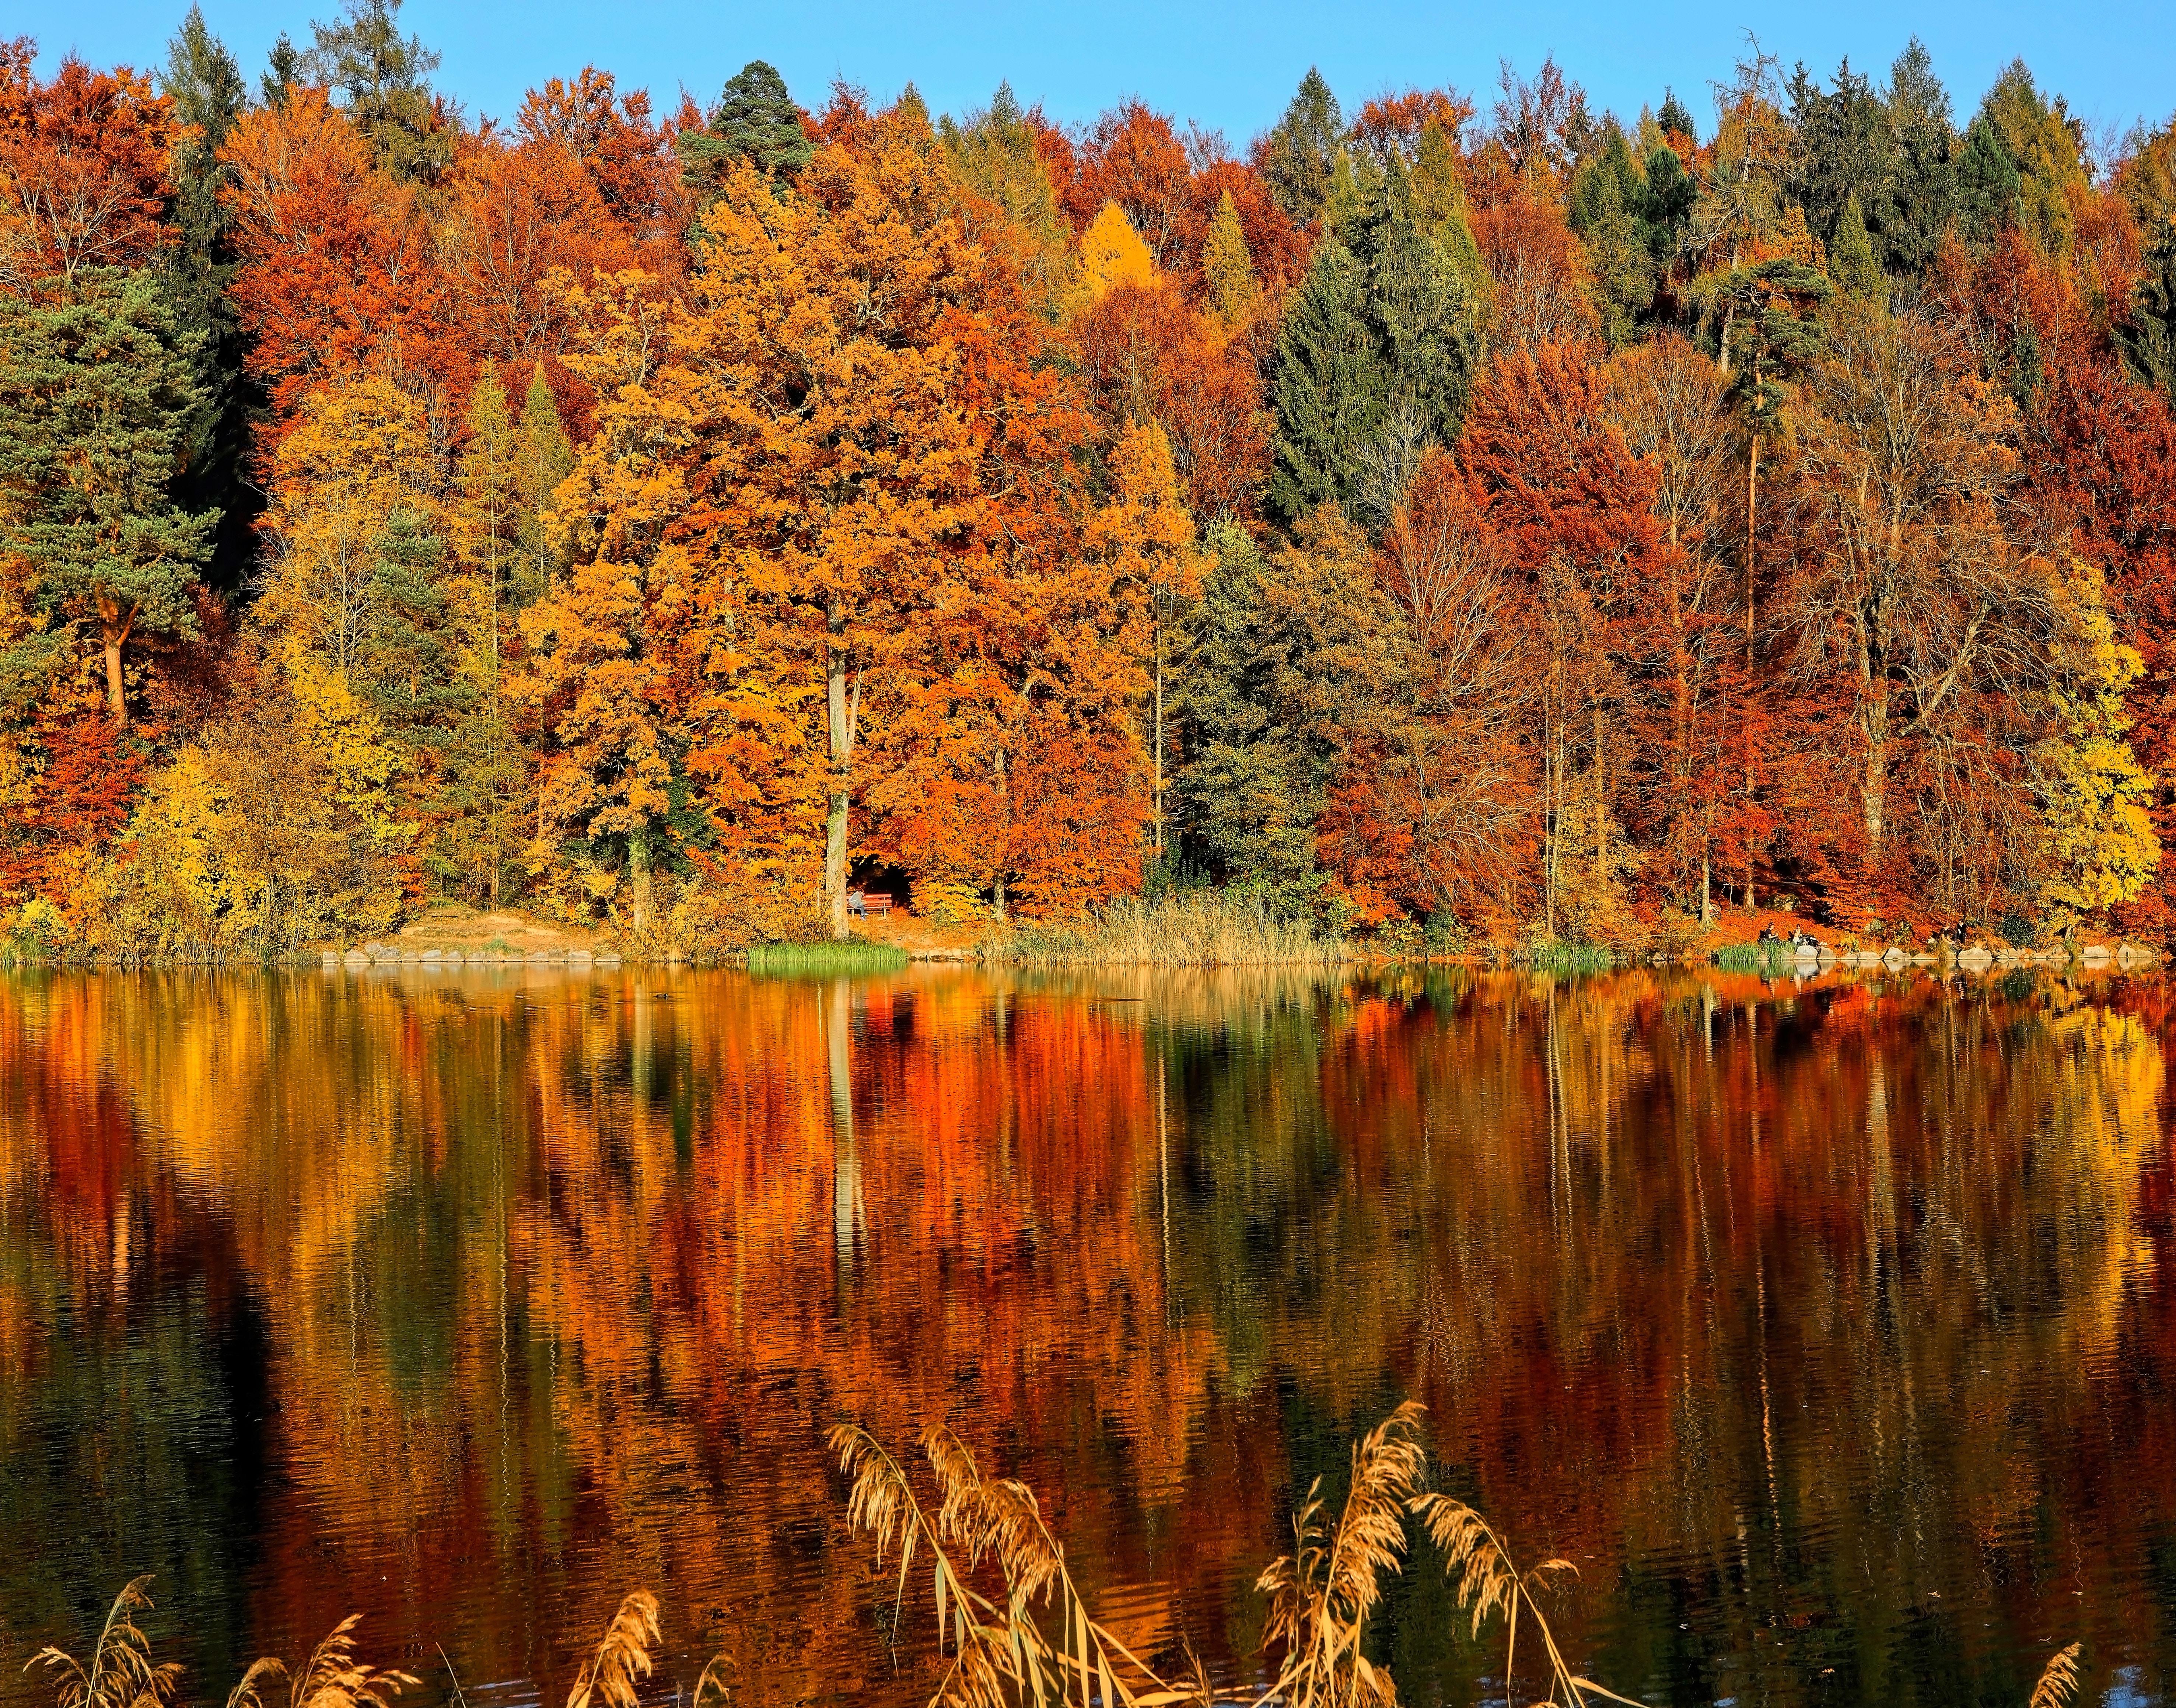 87908 завантажити шпалери Природа, Річка, Дерева, Осінь, Відображення - заставки і картинки безкоштовно